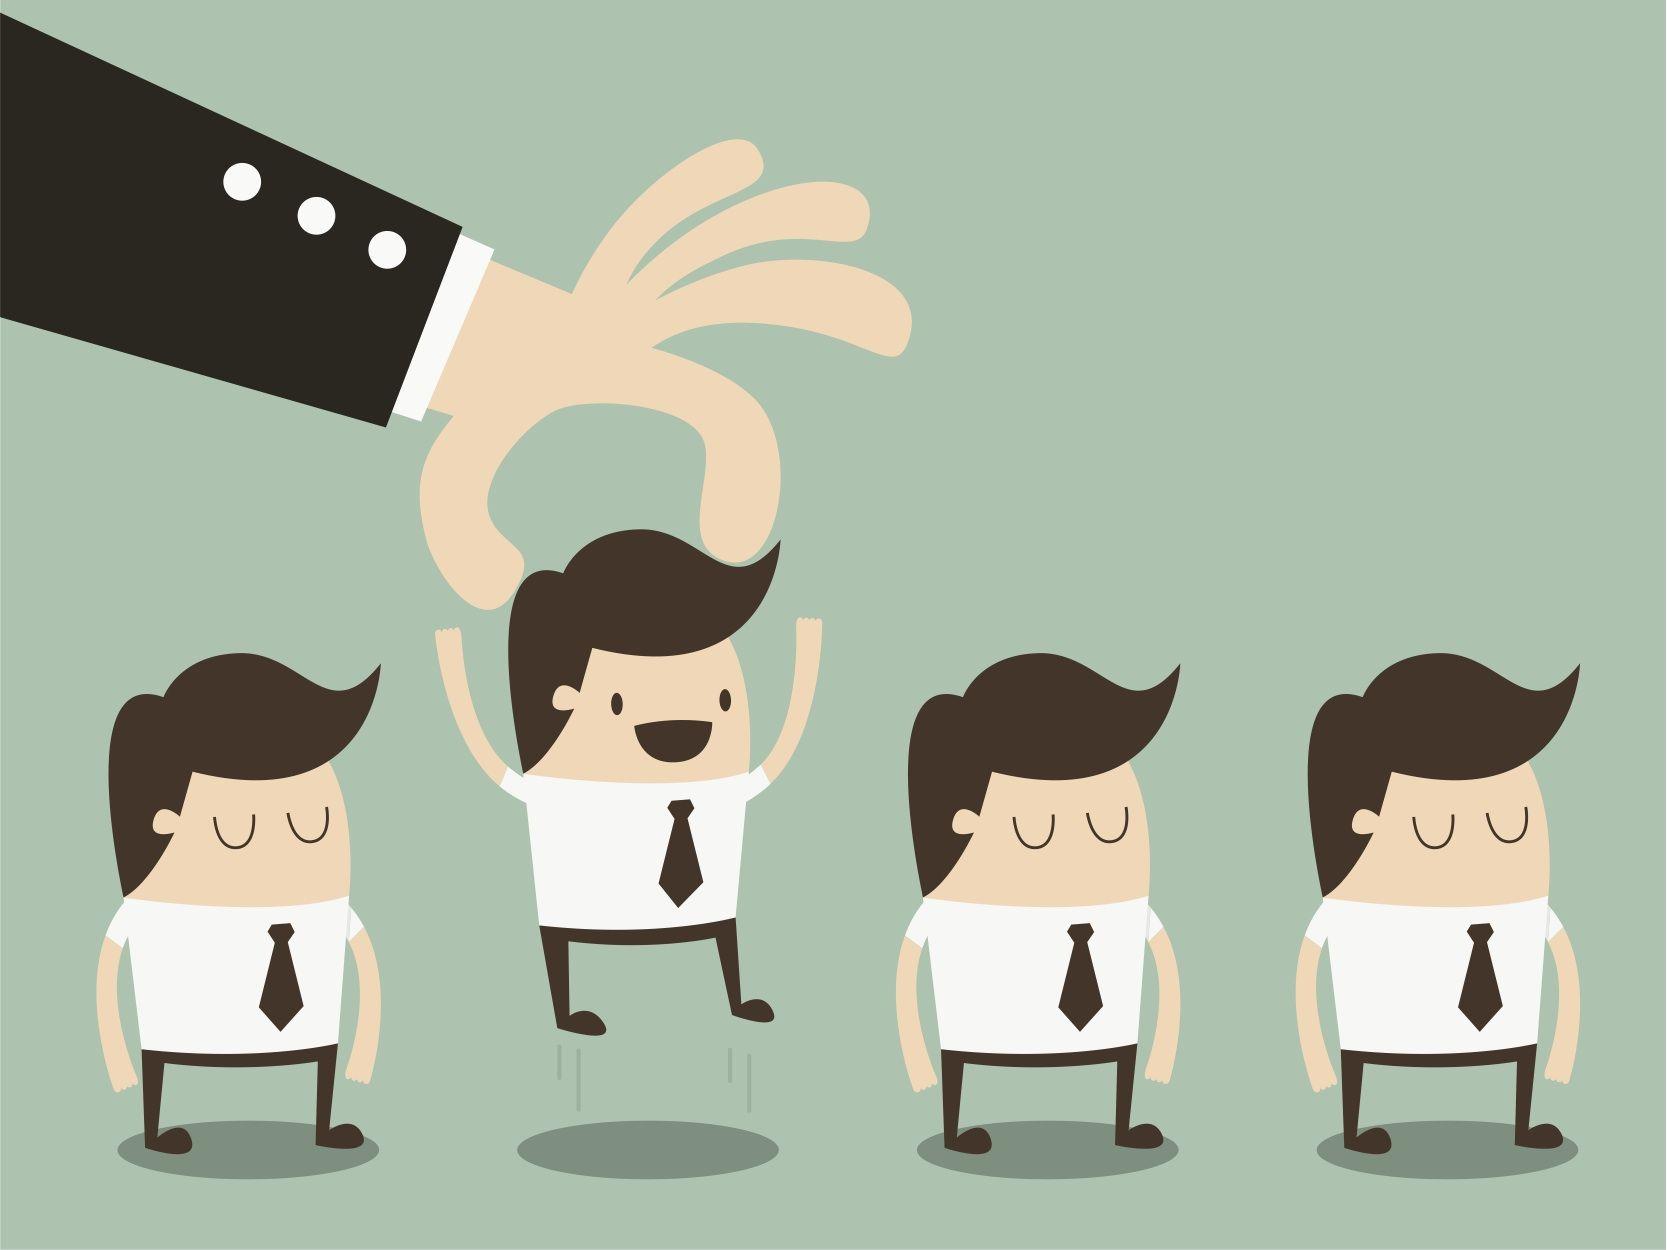 فرق گذاشتن بین کارمندان